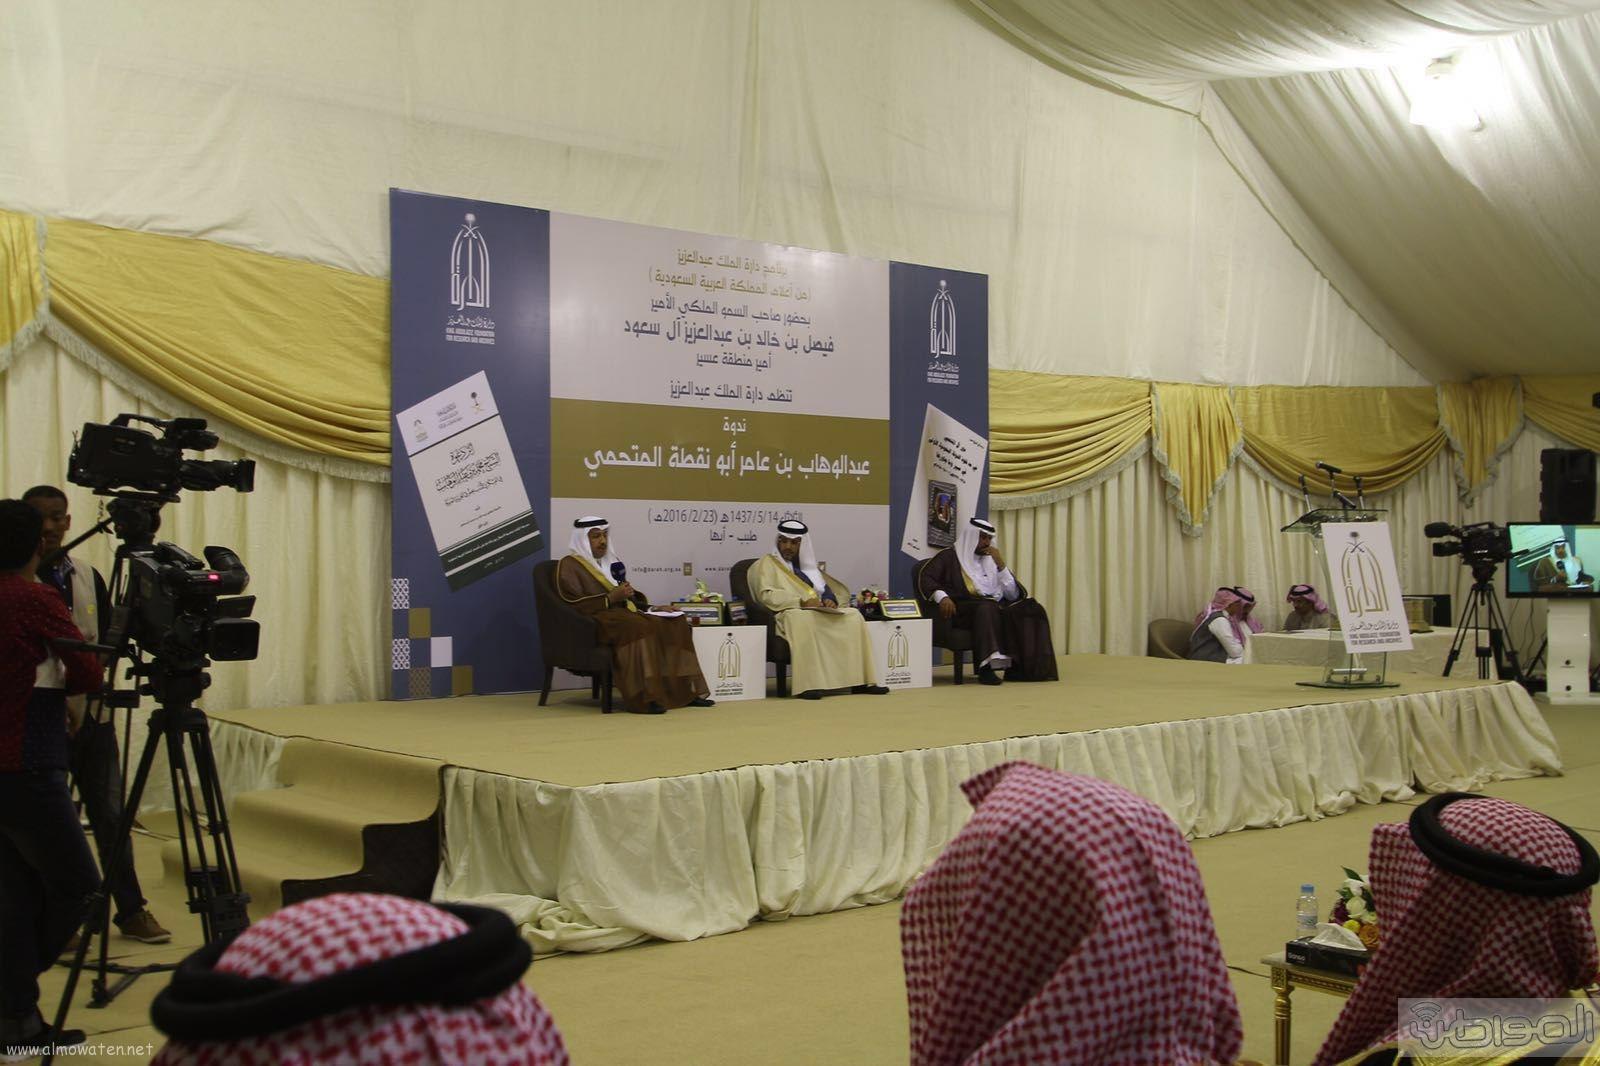 اعلام السعودية توثق سيرة المتحمي وكرم اسرته (4)